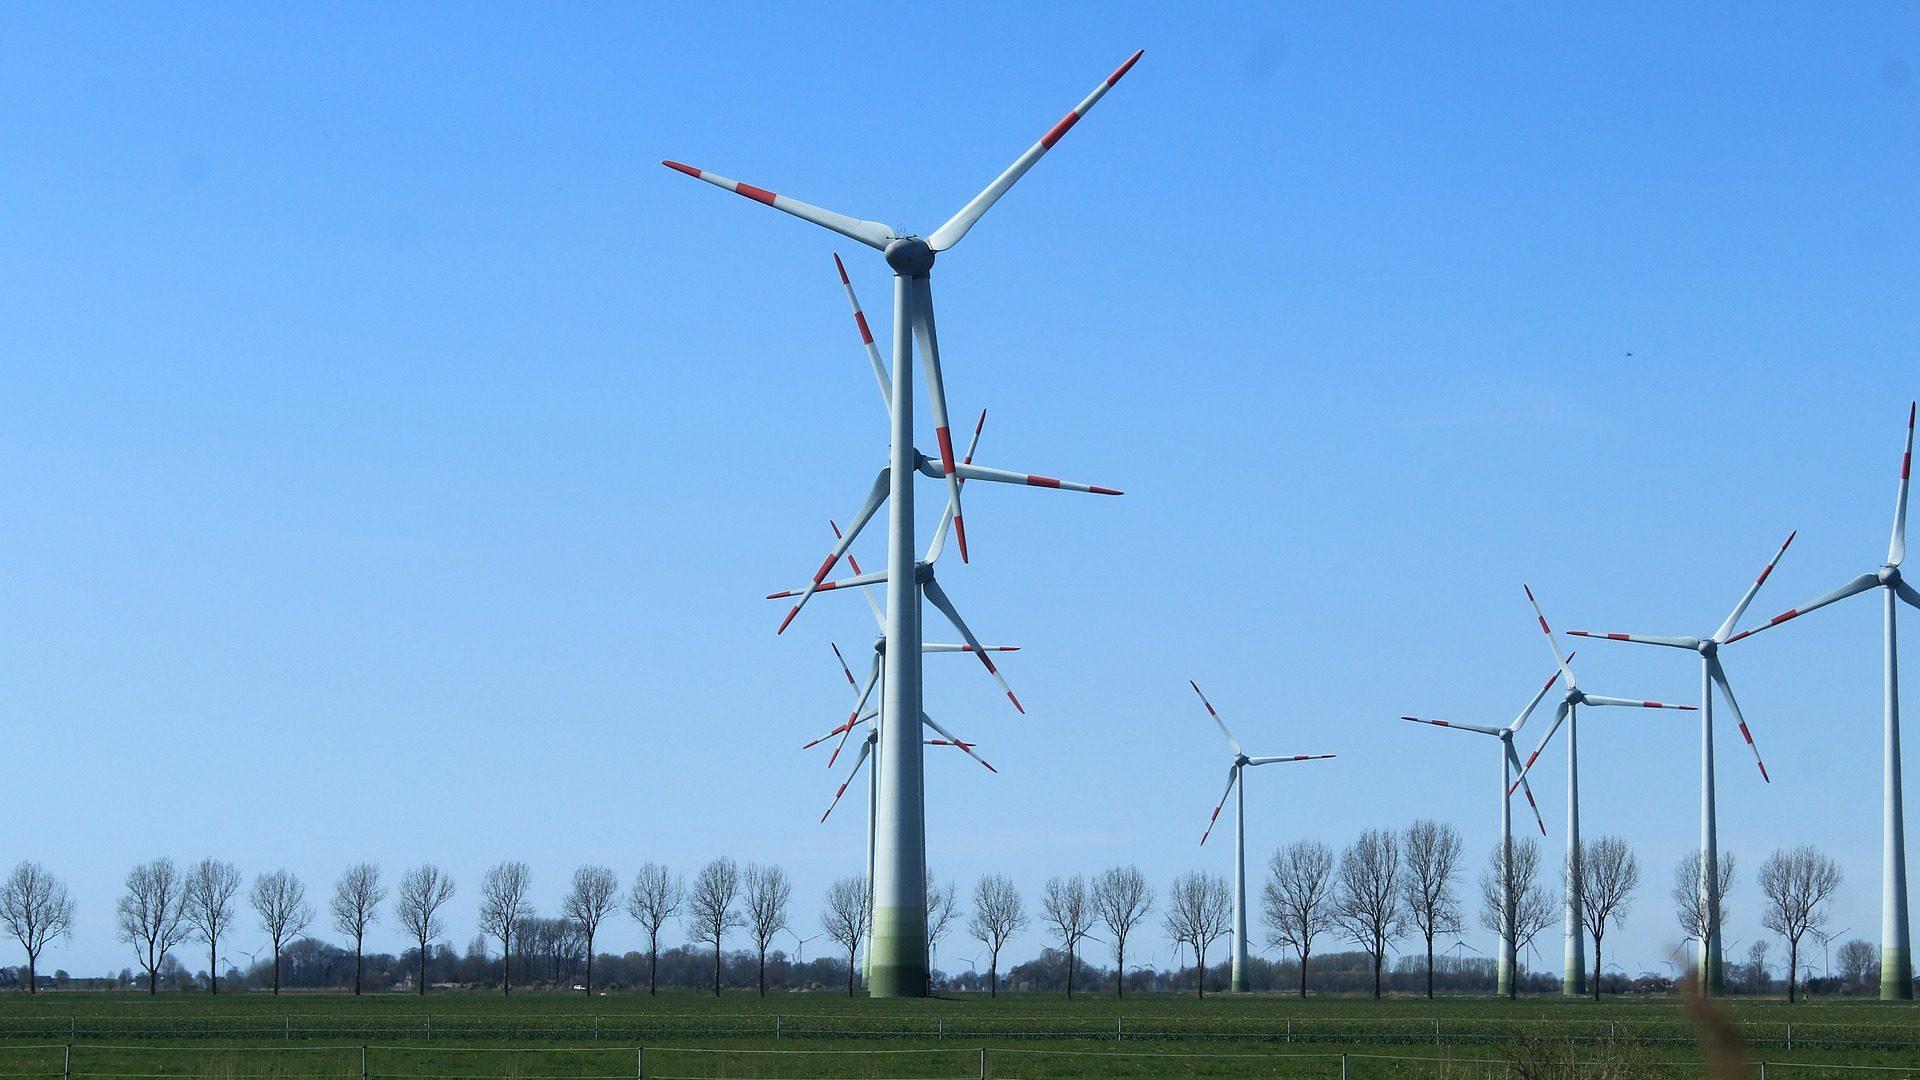 Großprojekt QUARREE100: IKEM forscht an der energieeffizienten Stadt von morgen